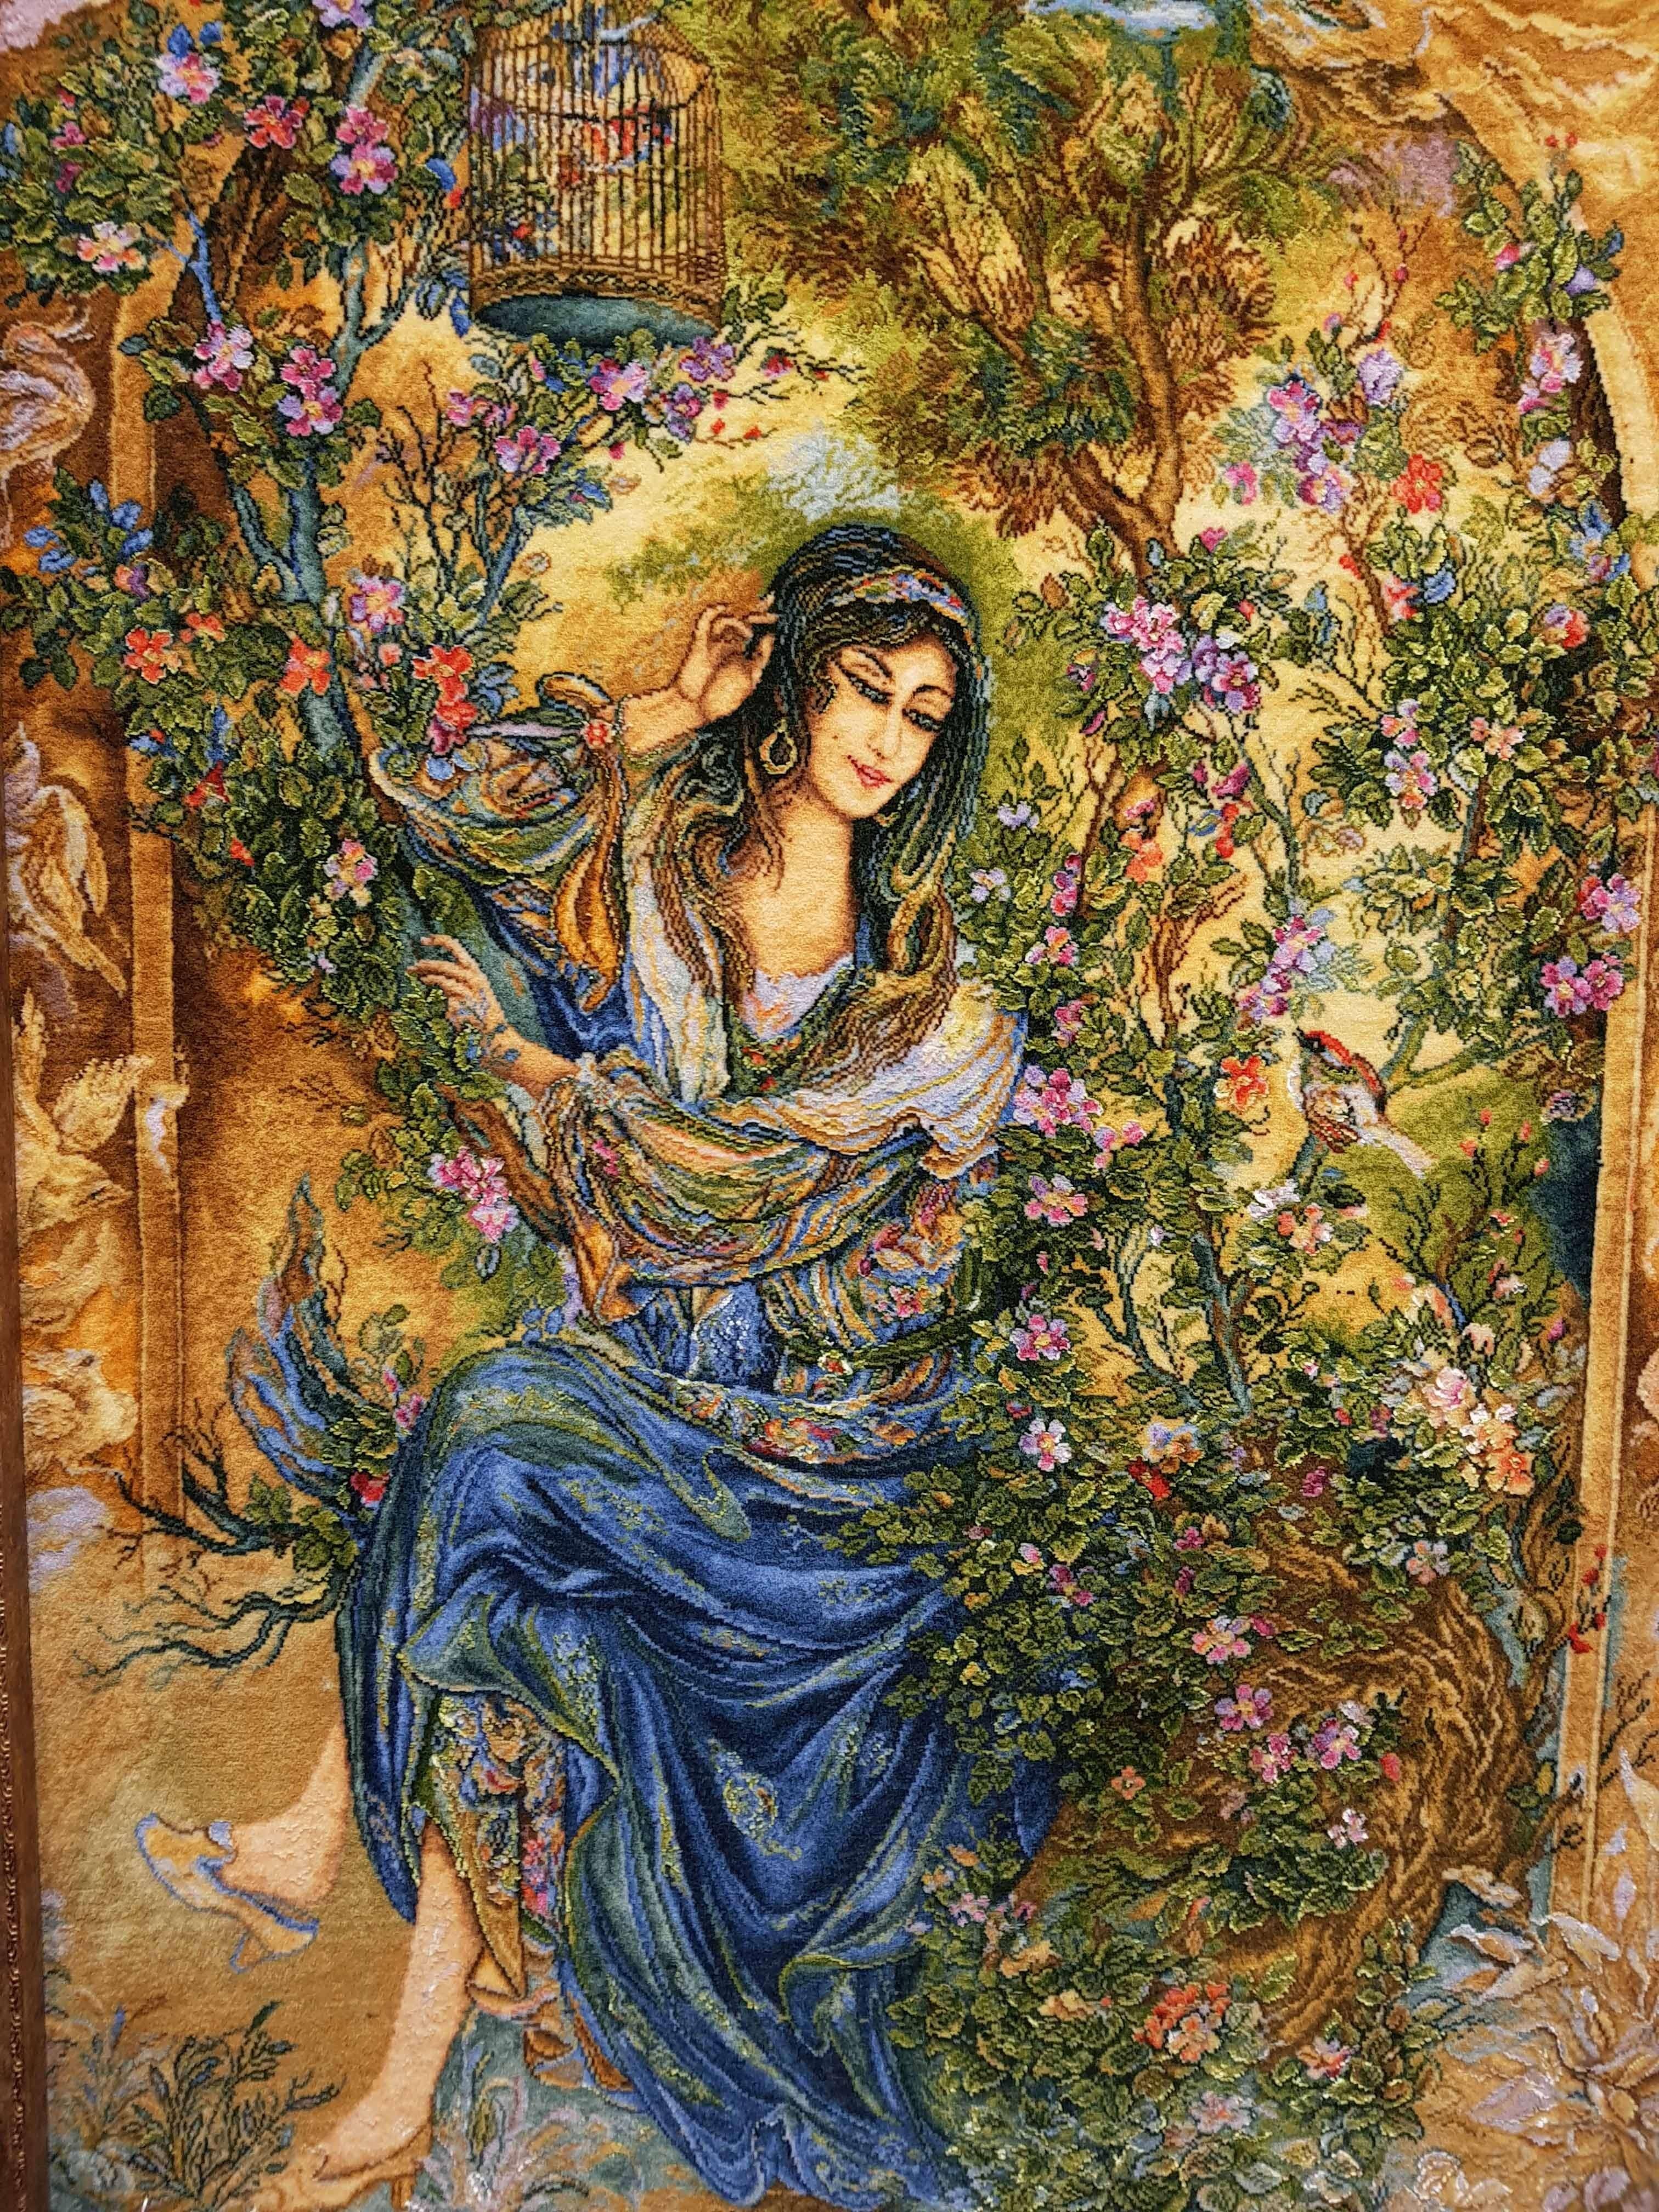 波斯地毯雕像,微型风格,被称为调解人